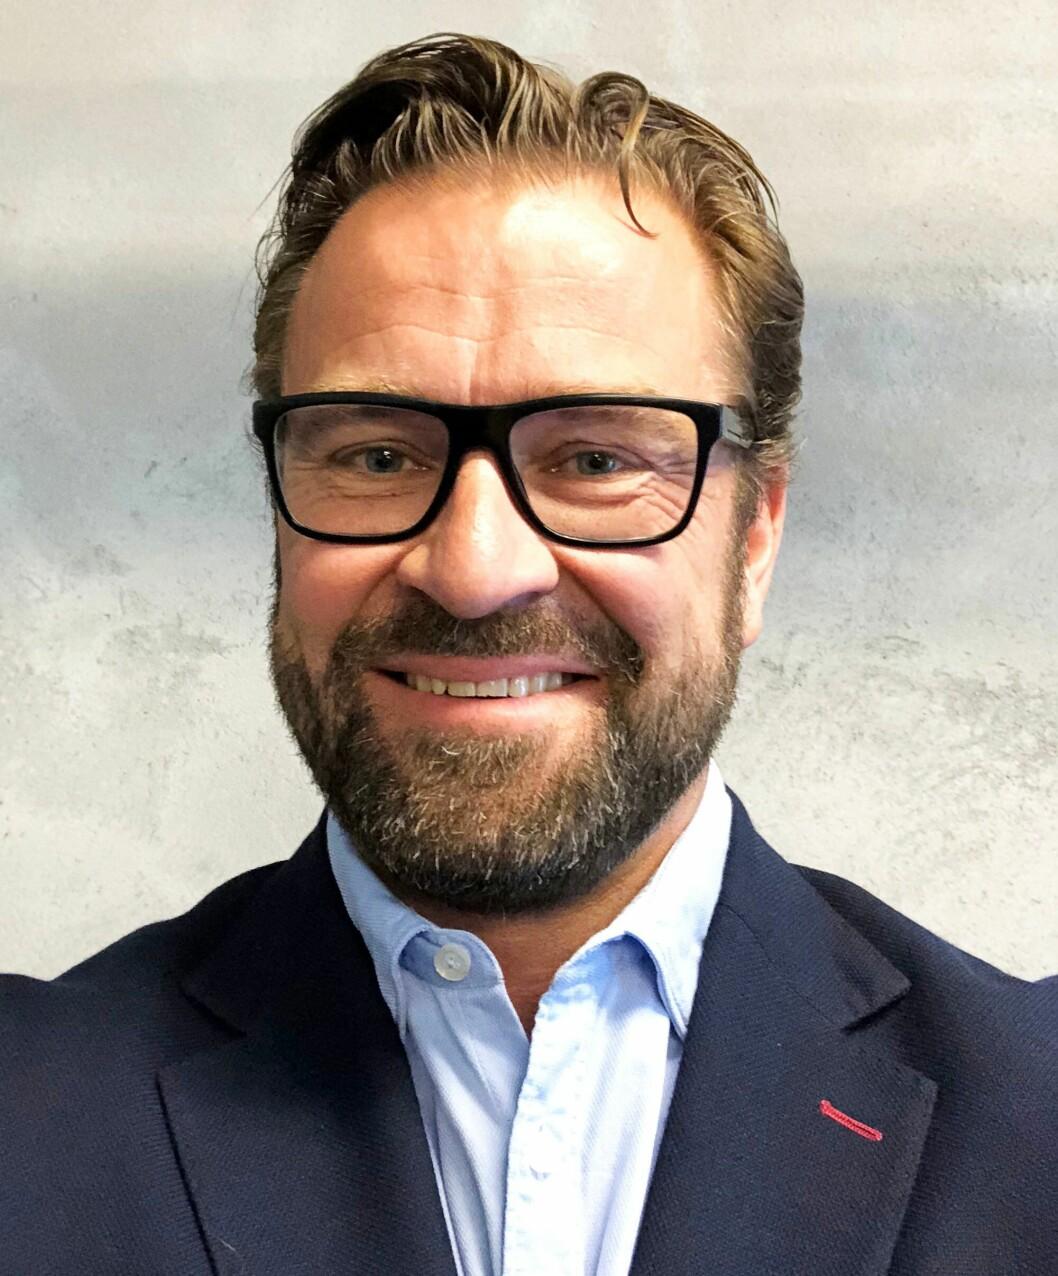 Ser frem til høsten: Kripos har ansatt Olav Skard Jørgensen som ny NC3-sjef.